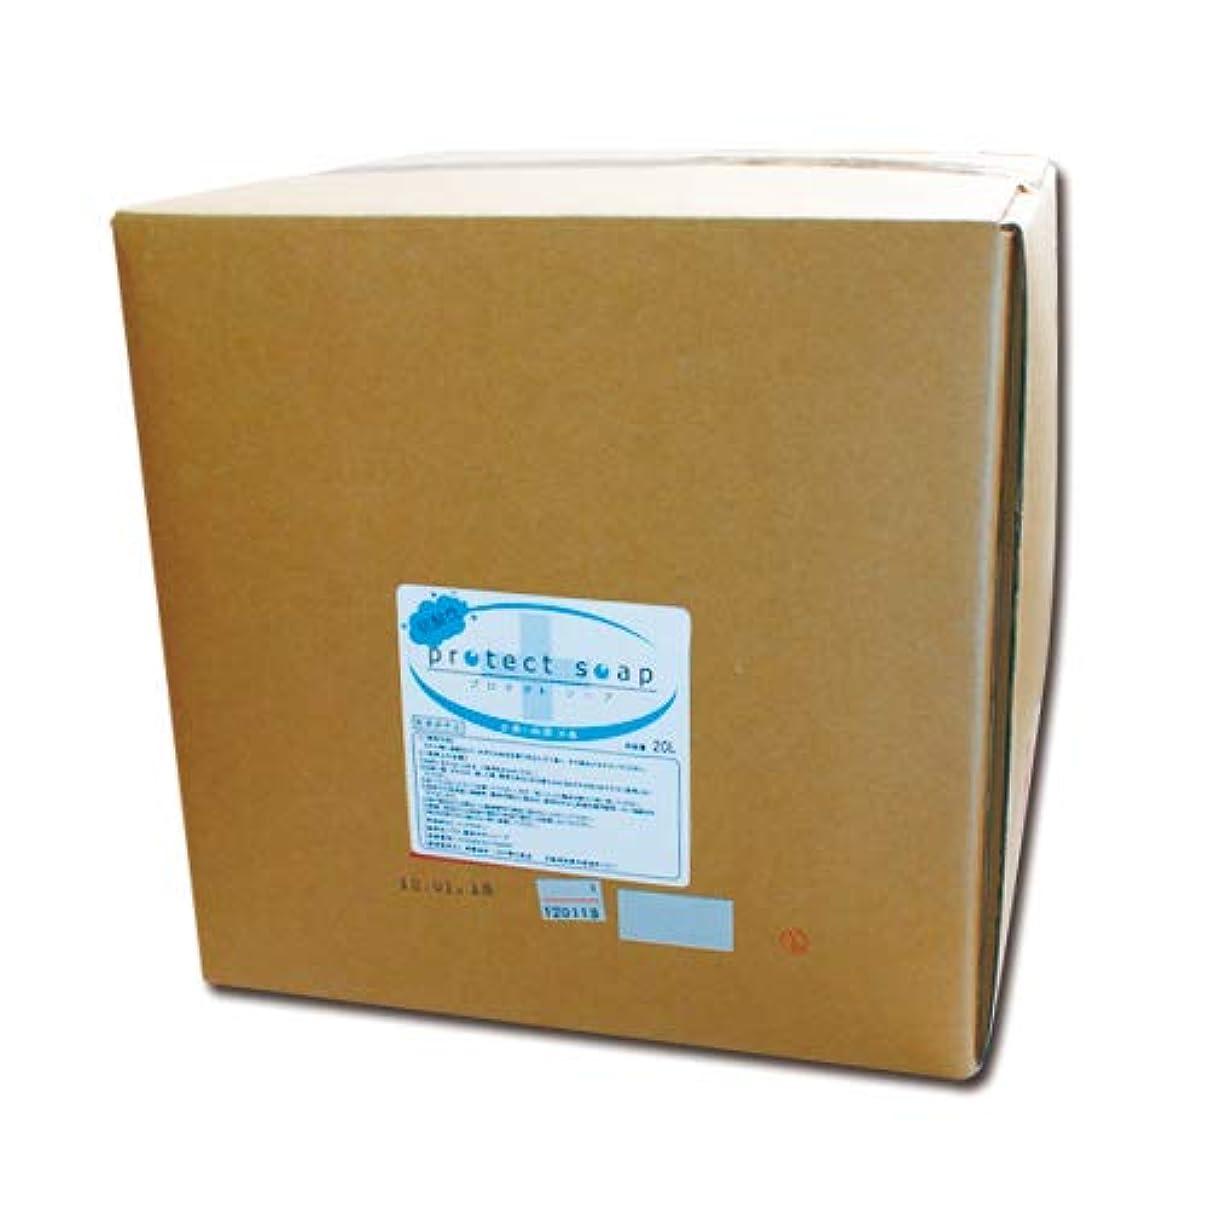 ディレクター生じる感謝する低刺激弱酸性 液体石鹸 プロテクトソープ 20L 業務用